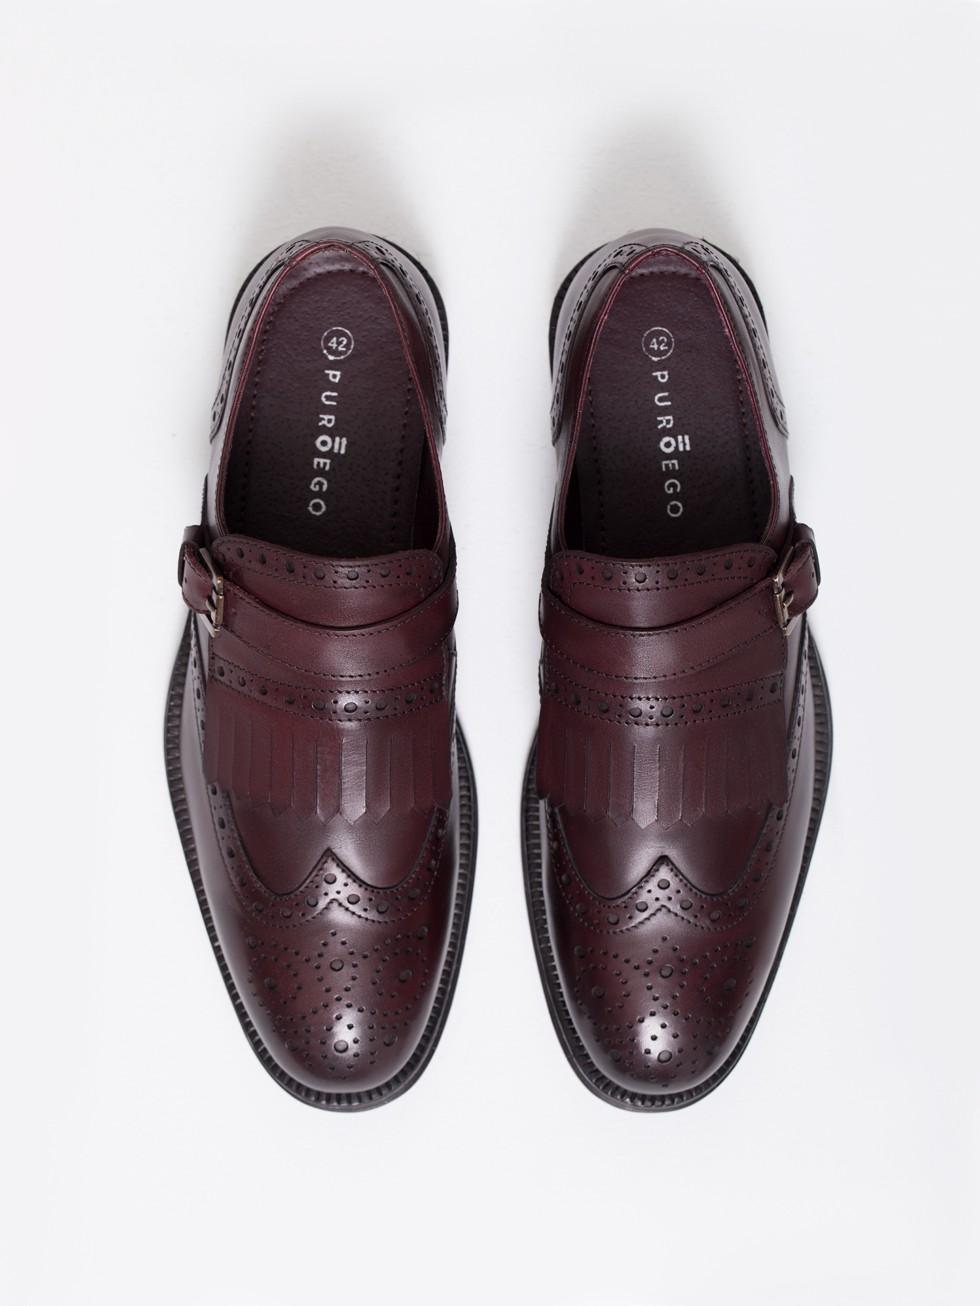 d0f1751c6a Zapato piel flecos burdeos · Zapato piel flecos burdeos ...